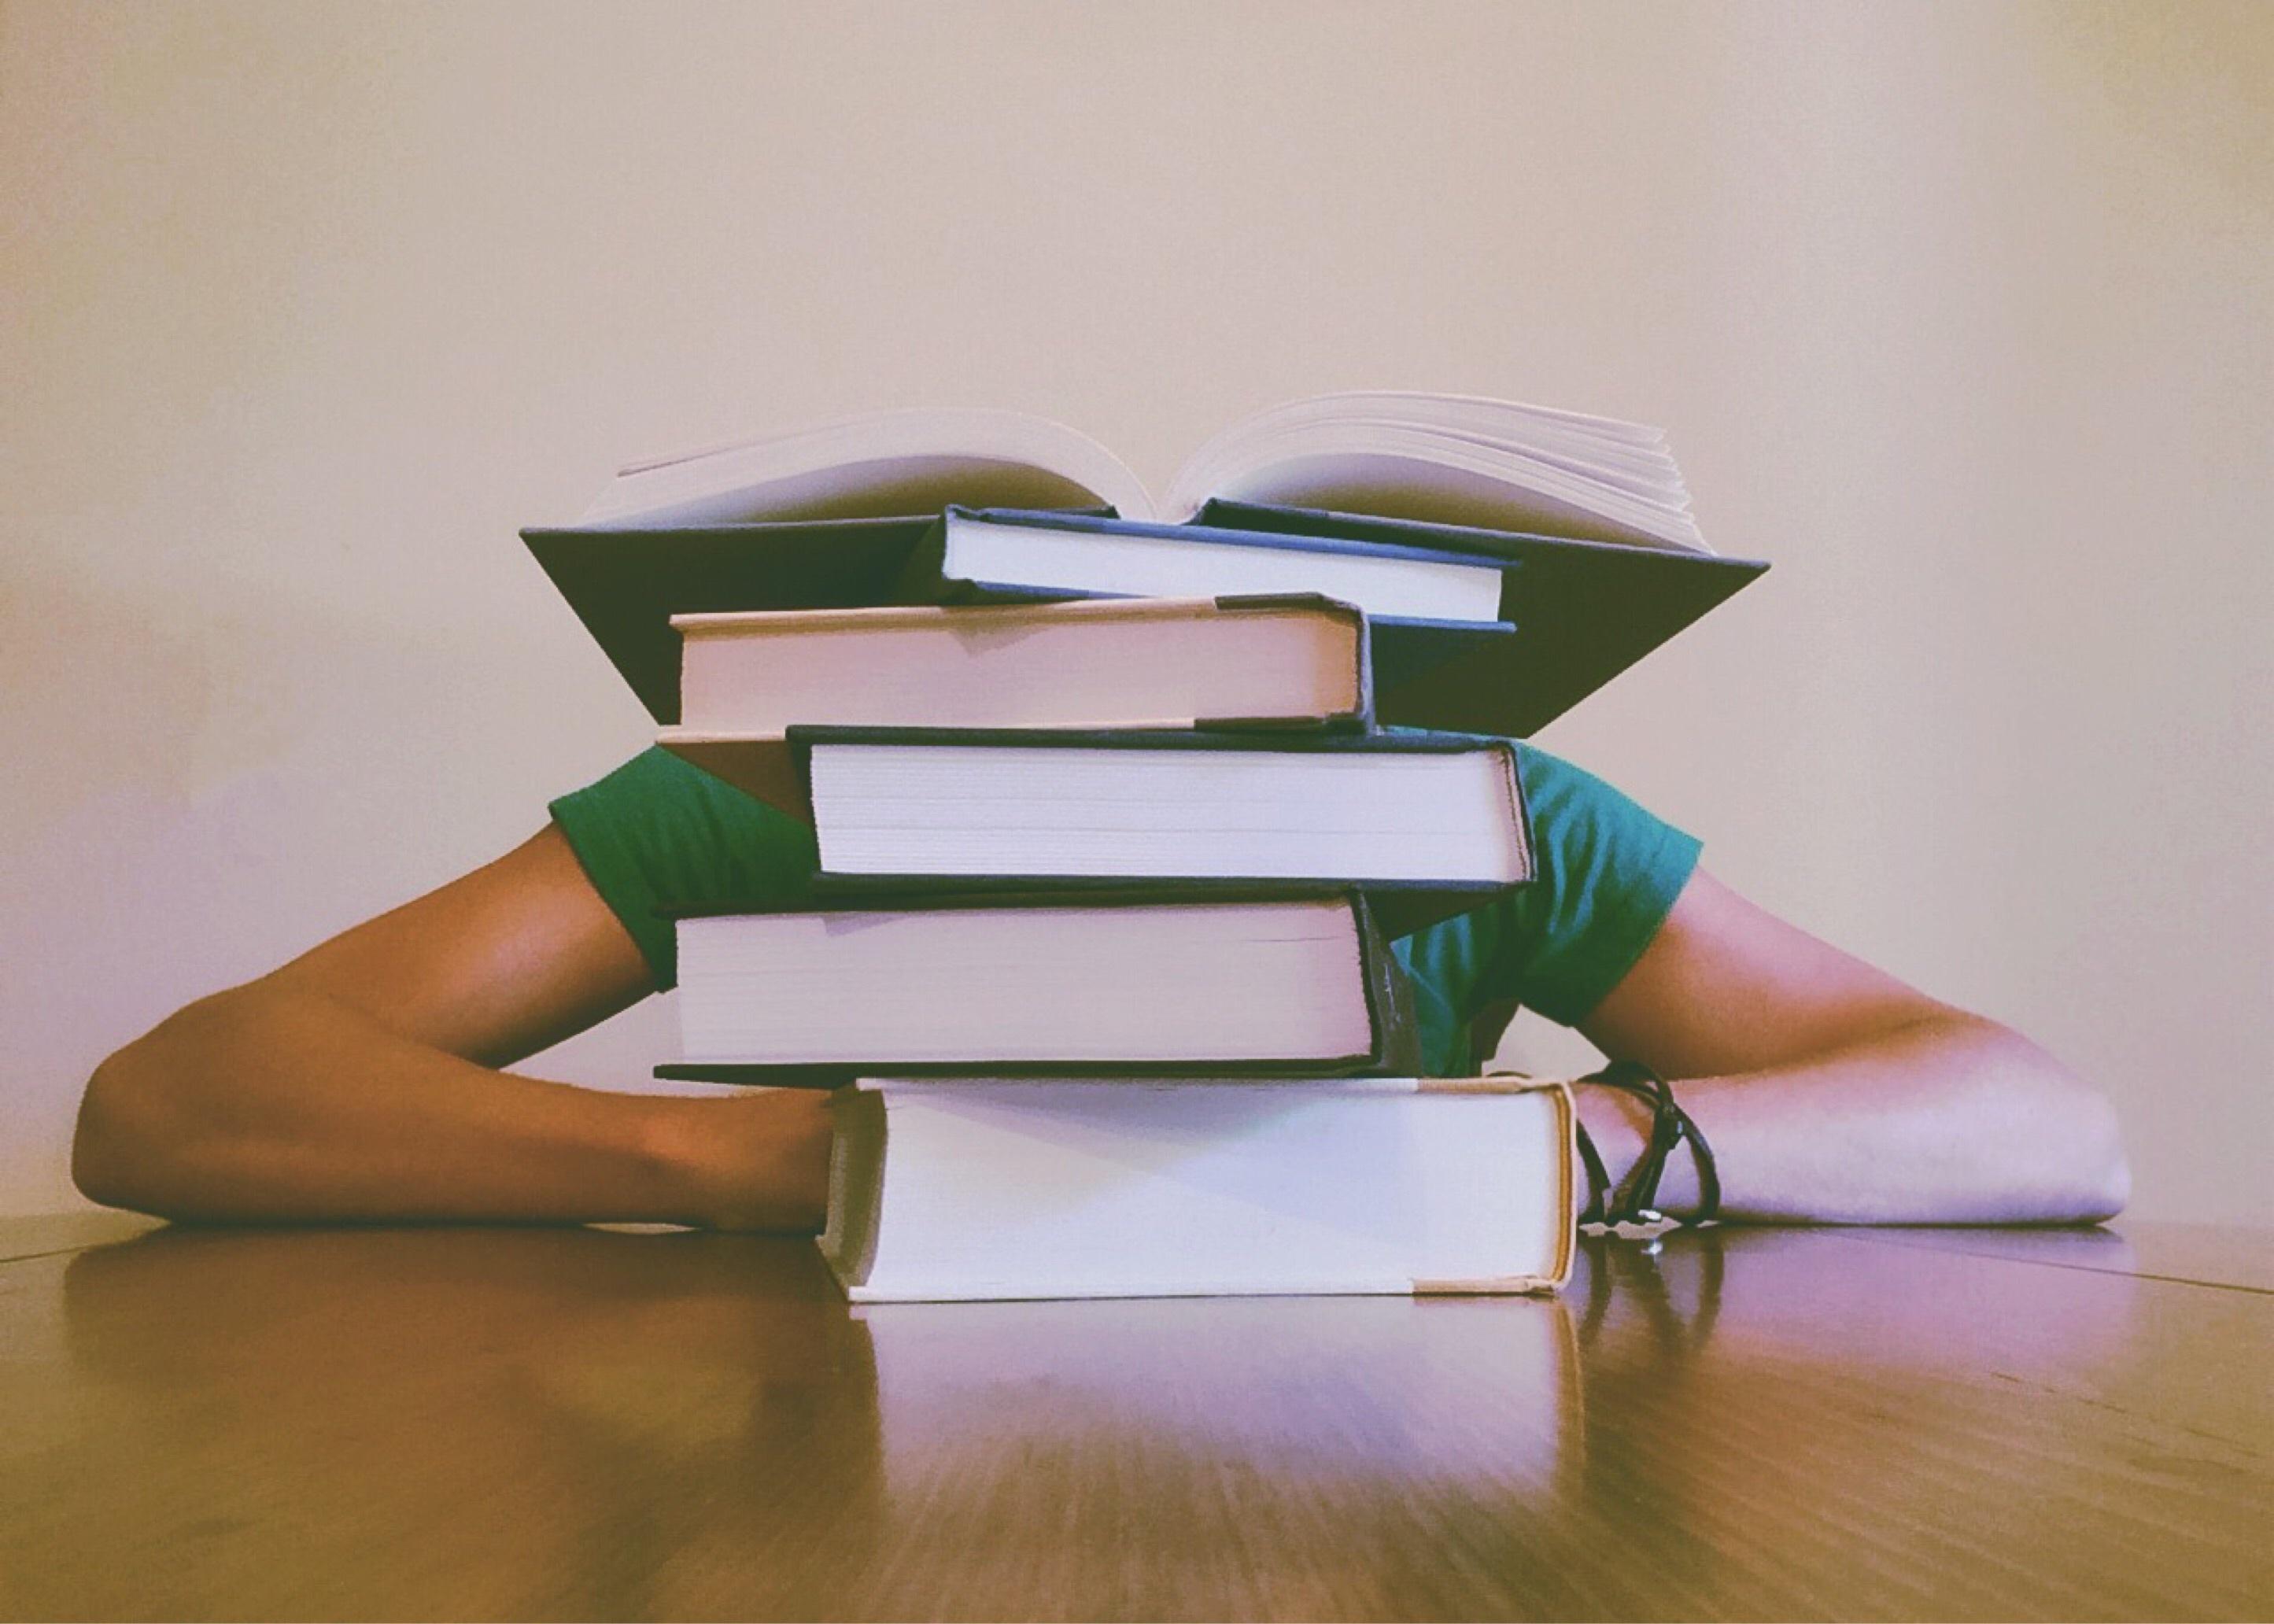 поступить в Польшу, высшее образование в Польше, учеба в Польше, обучение в Польше, образовательный центр AMBASADOR, польский язык